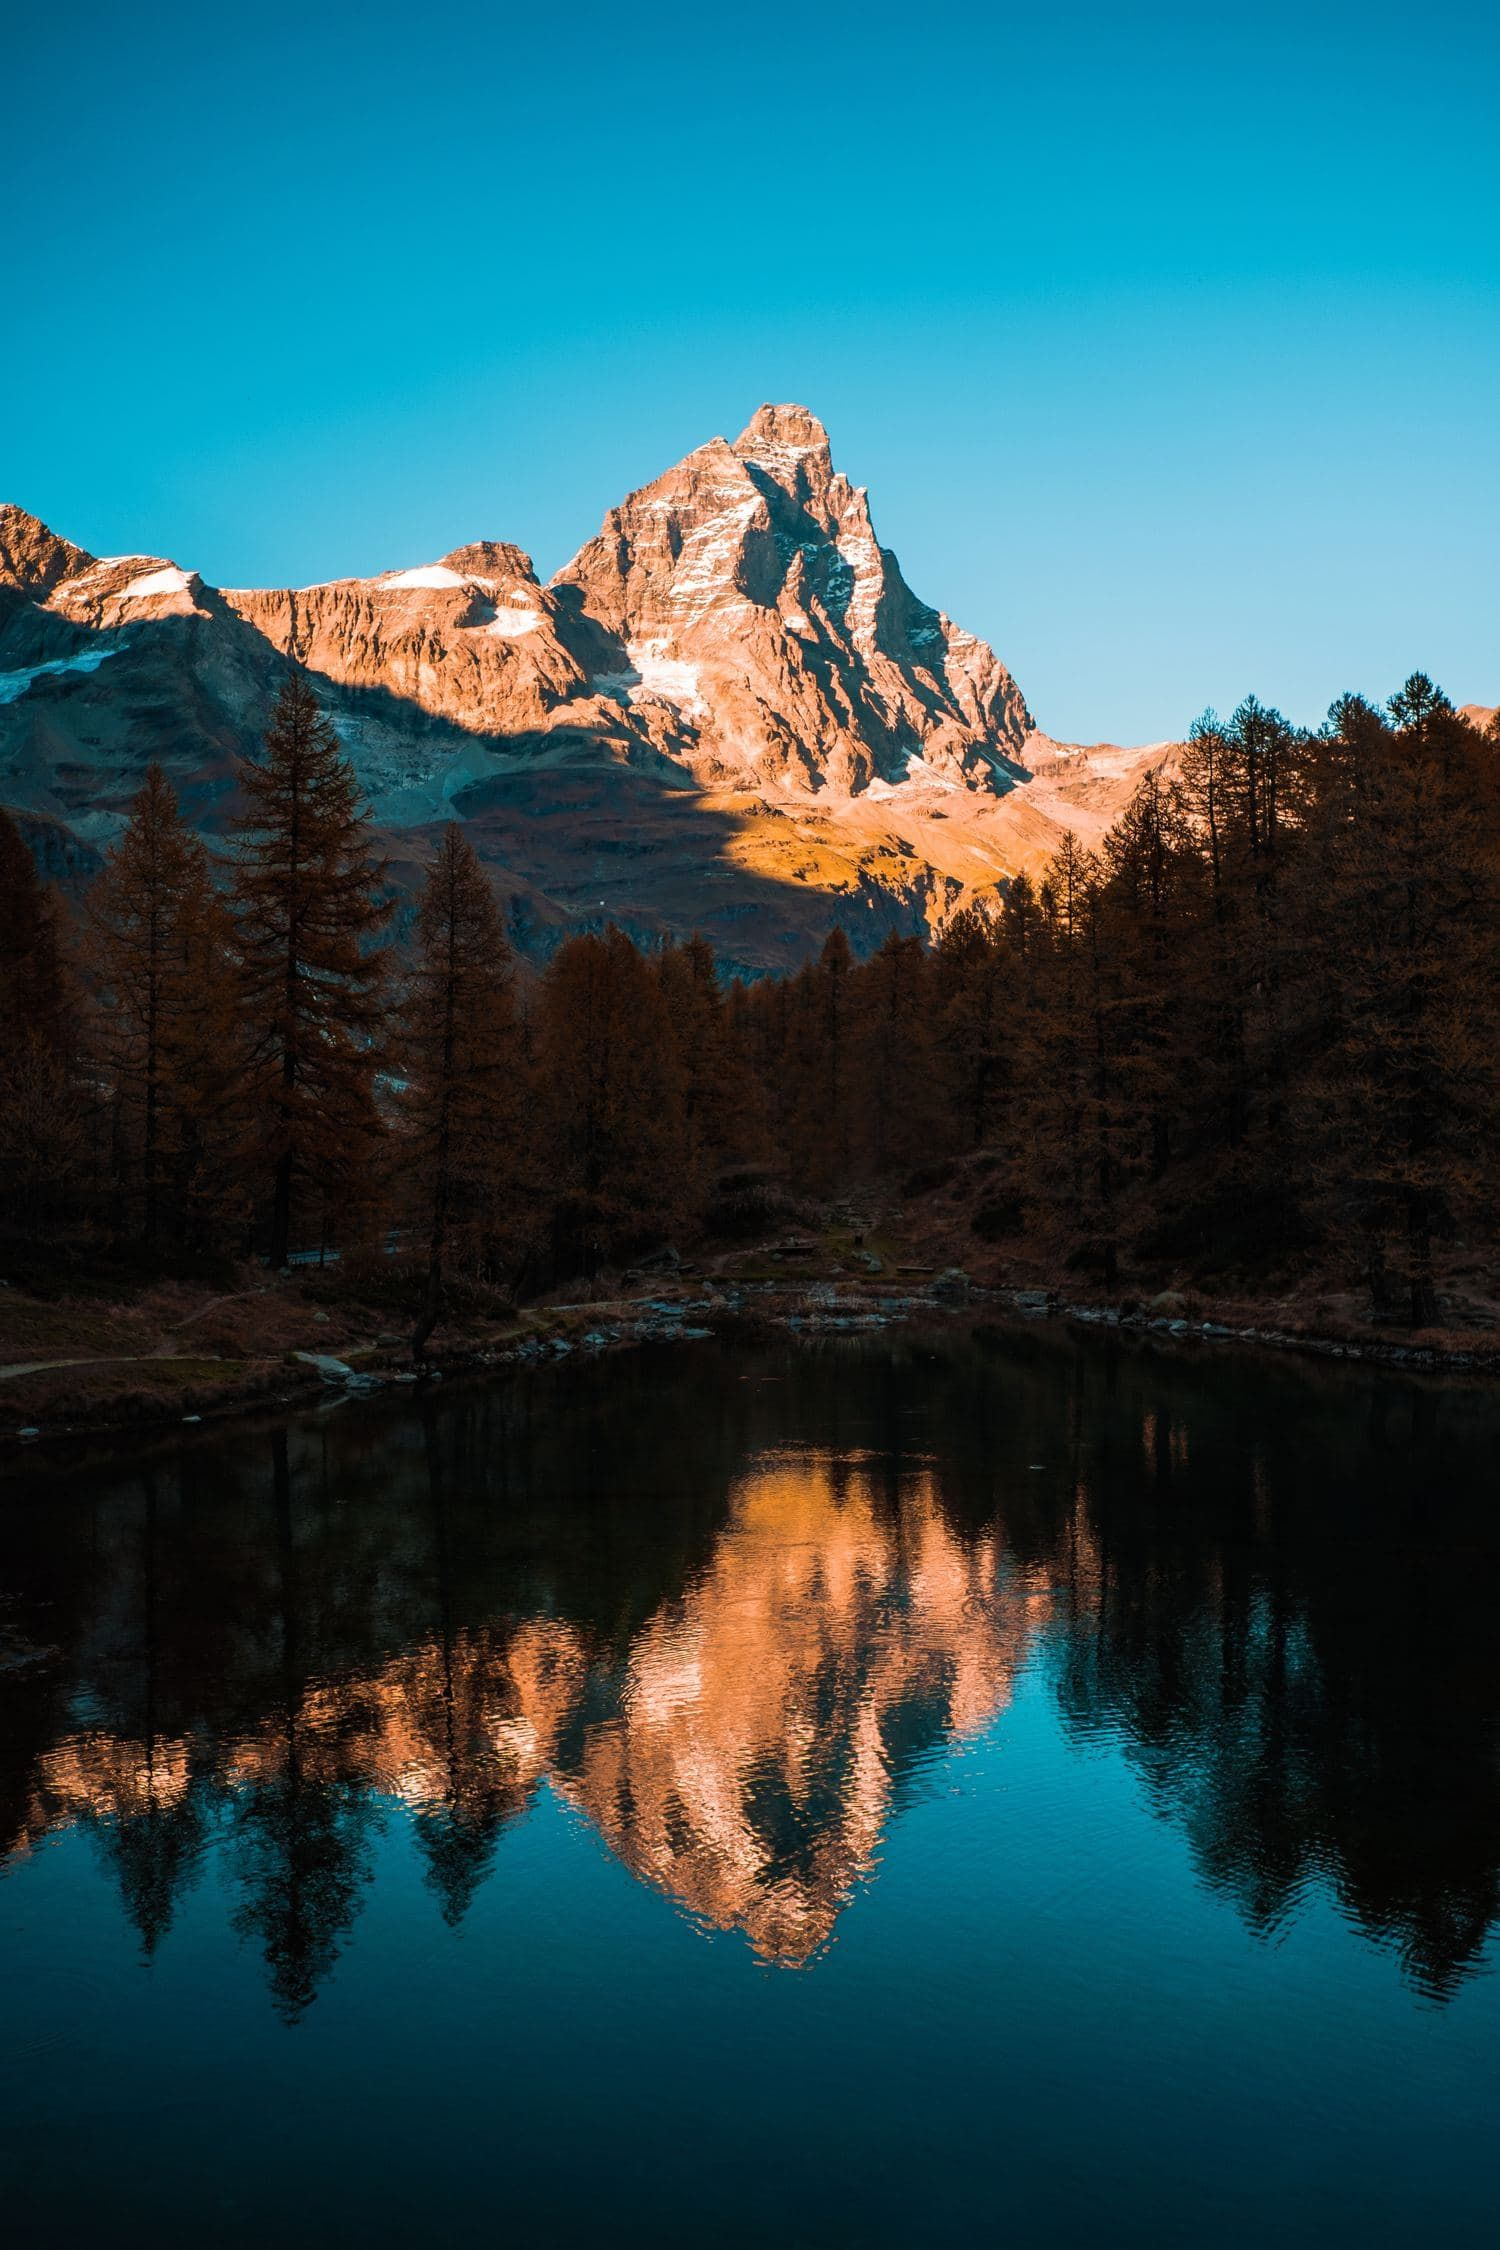 Consejos Para Fotografiar Montañas Con Éxito